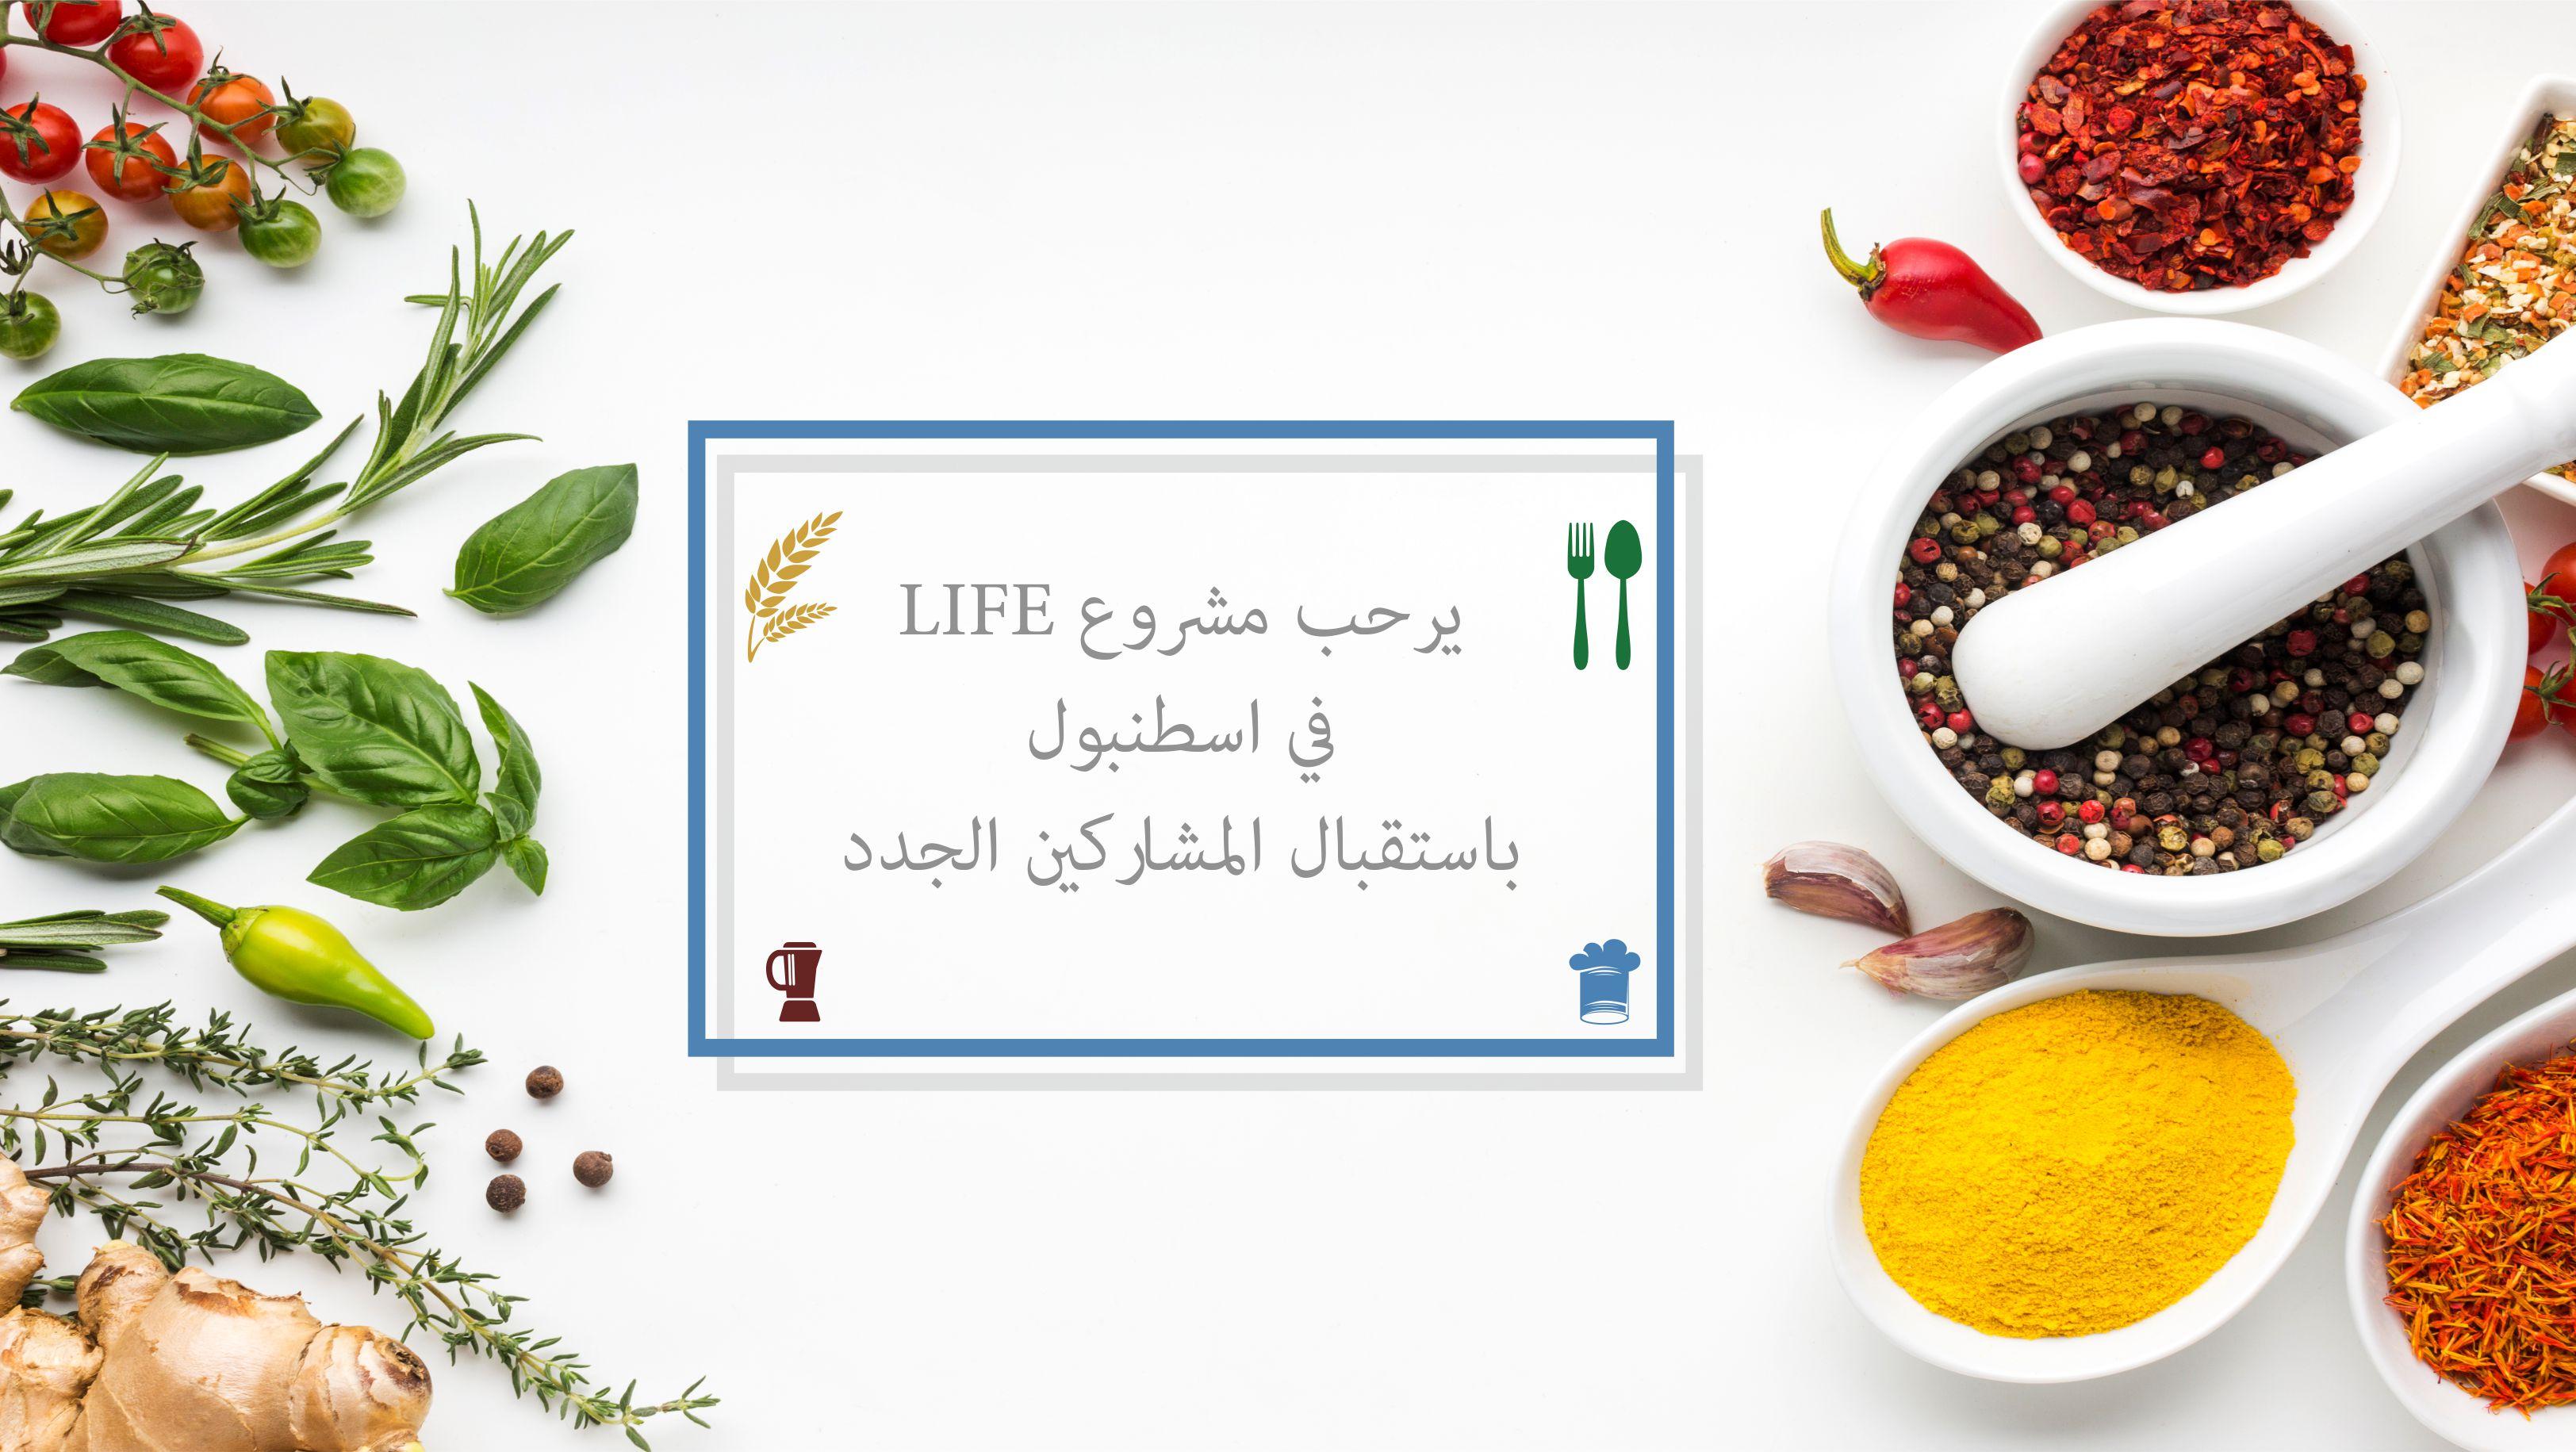 يستقبل مشروع لايف (سبل العيش المبتكرة مع ريادة الأعمال الغذائية) مشاركين جدد في اسطنبول لدورته السابعة